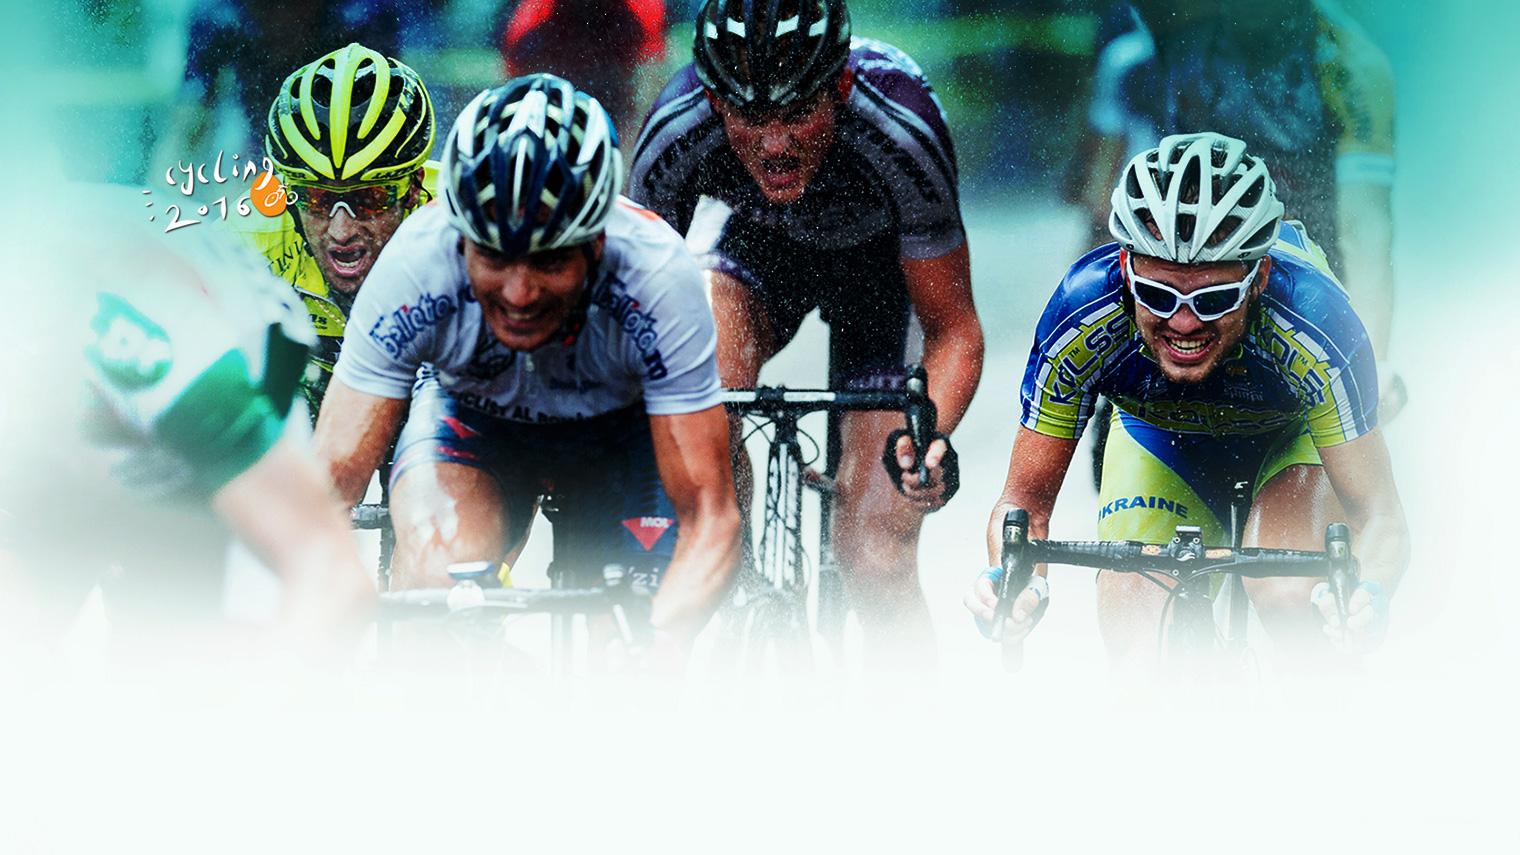 Eine Augenweide für Fahrradfahrer